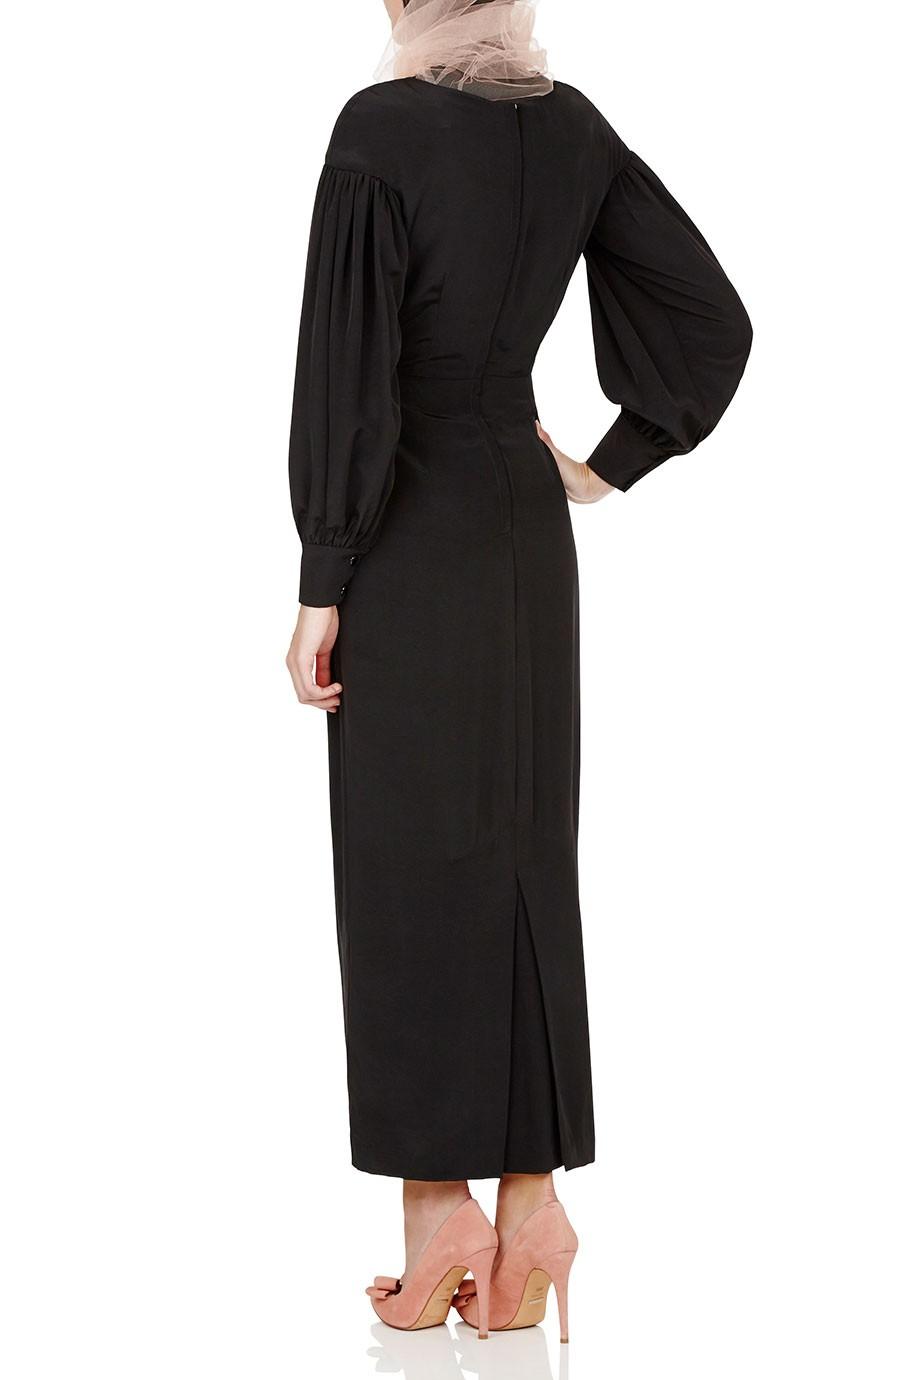 Diana-Kotb-Beacon-Dress-02